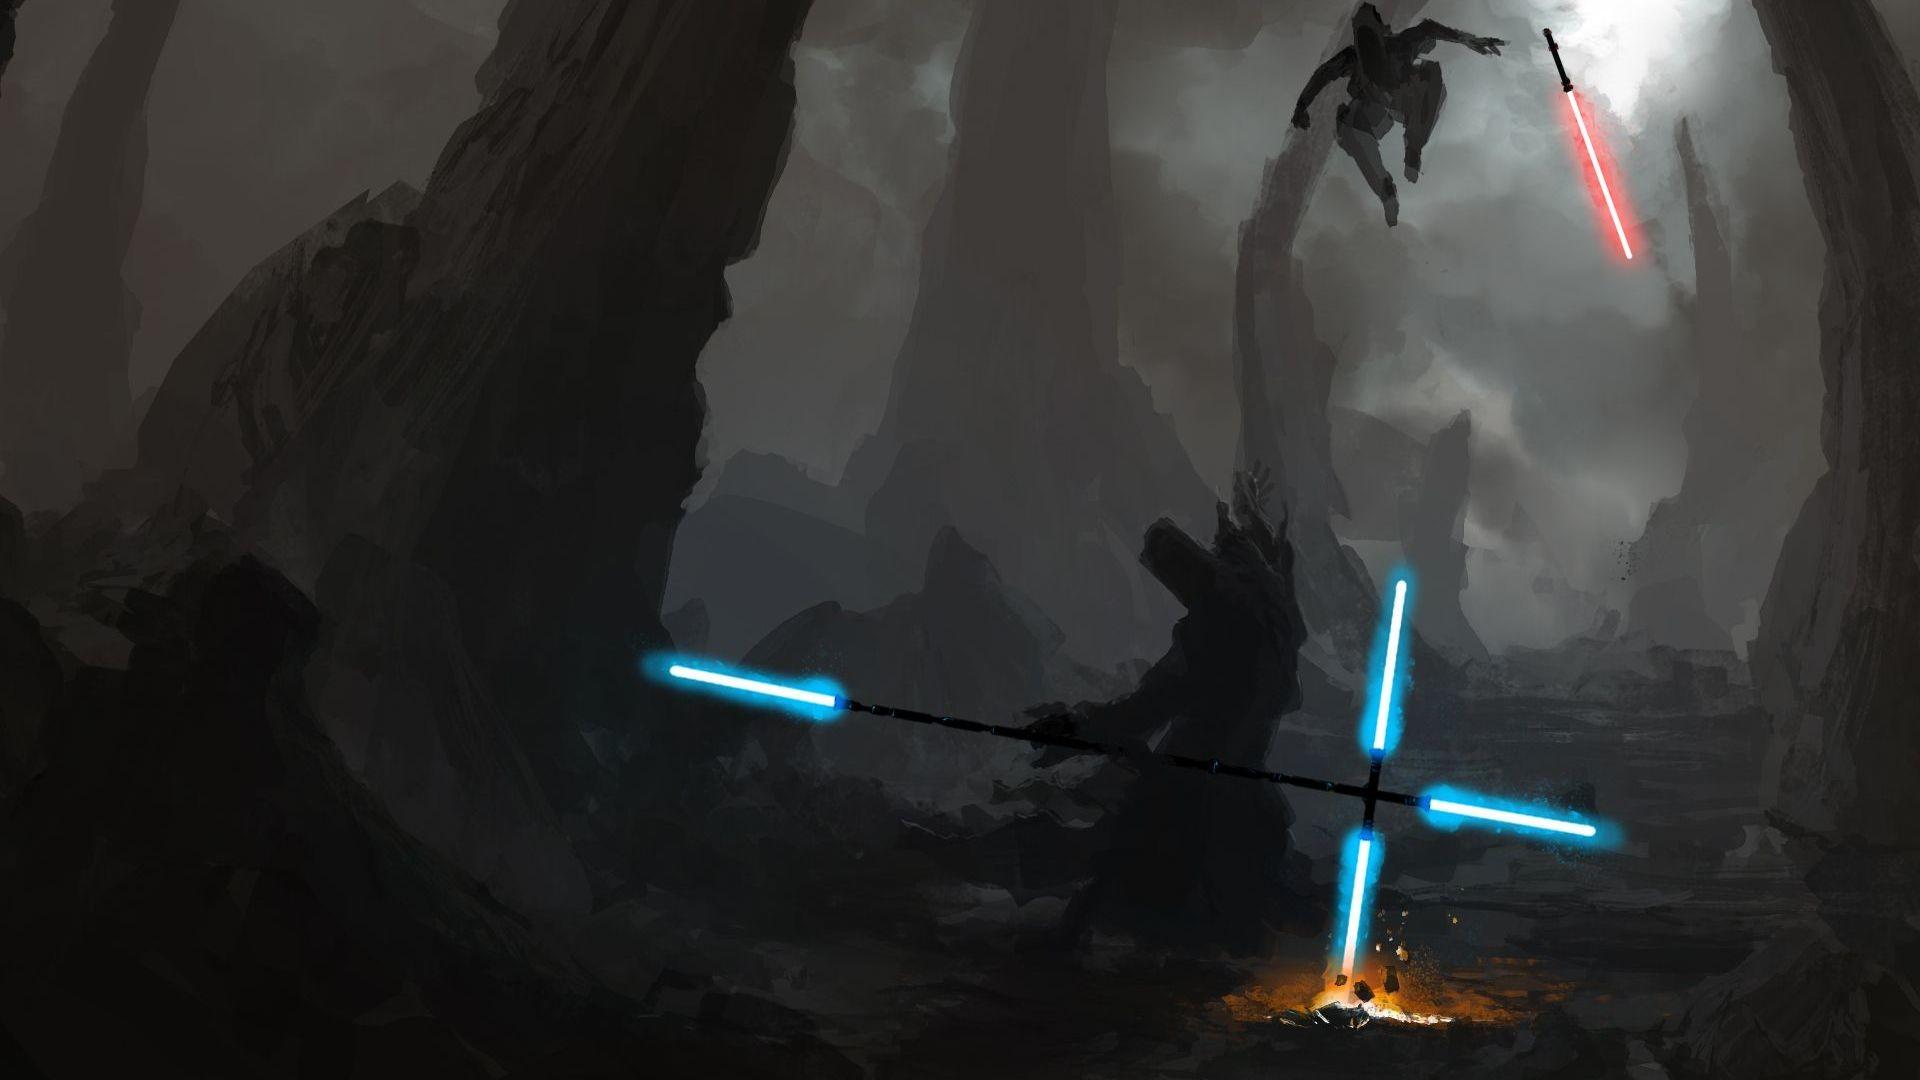 star-wars-lightsaber-battle-artistic-hd-wallpaper-1920×1080-2313.jpg  (1920×1080)   #STAR WARS   Pinterest   Character concept